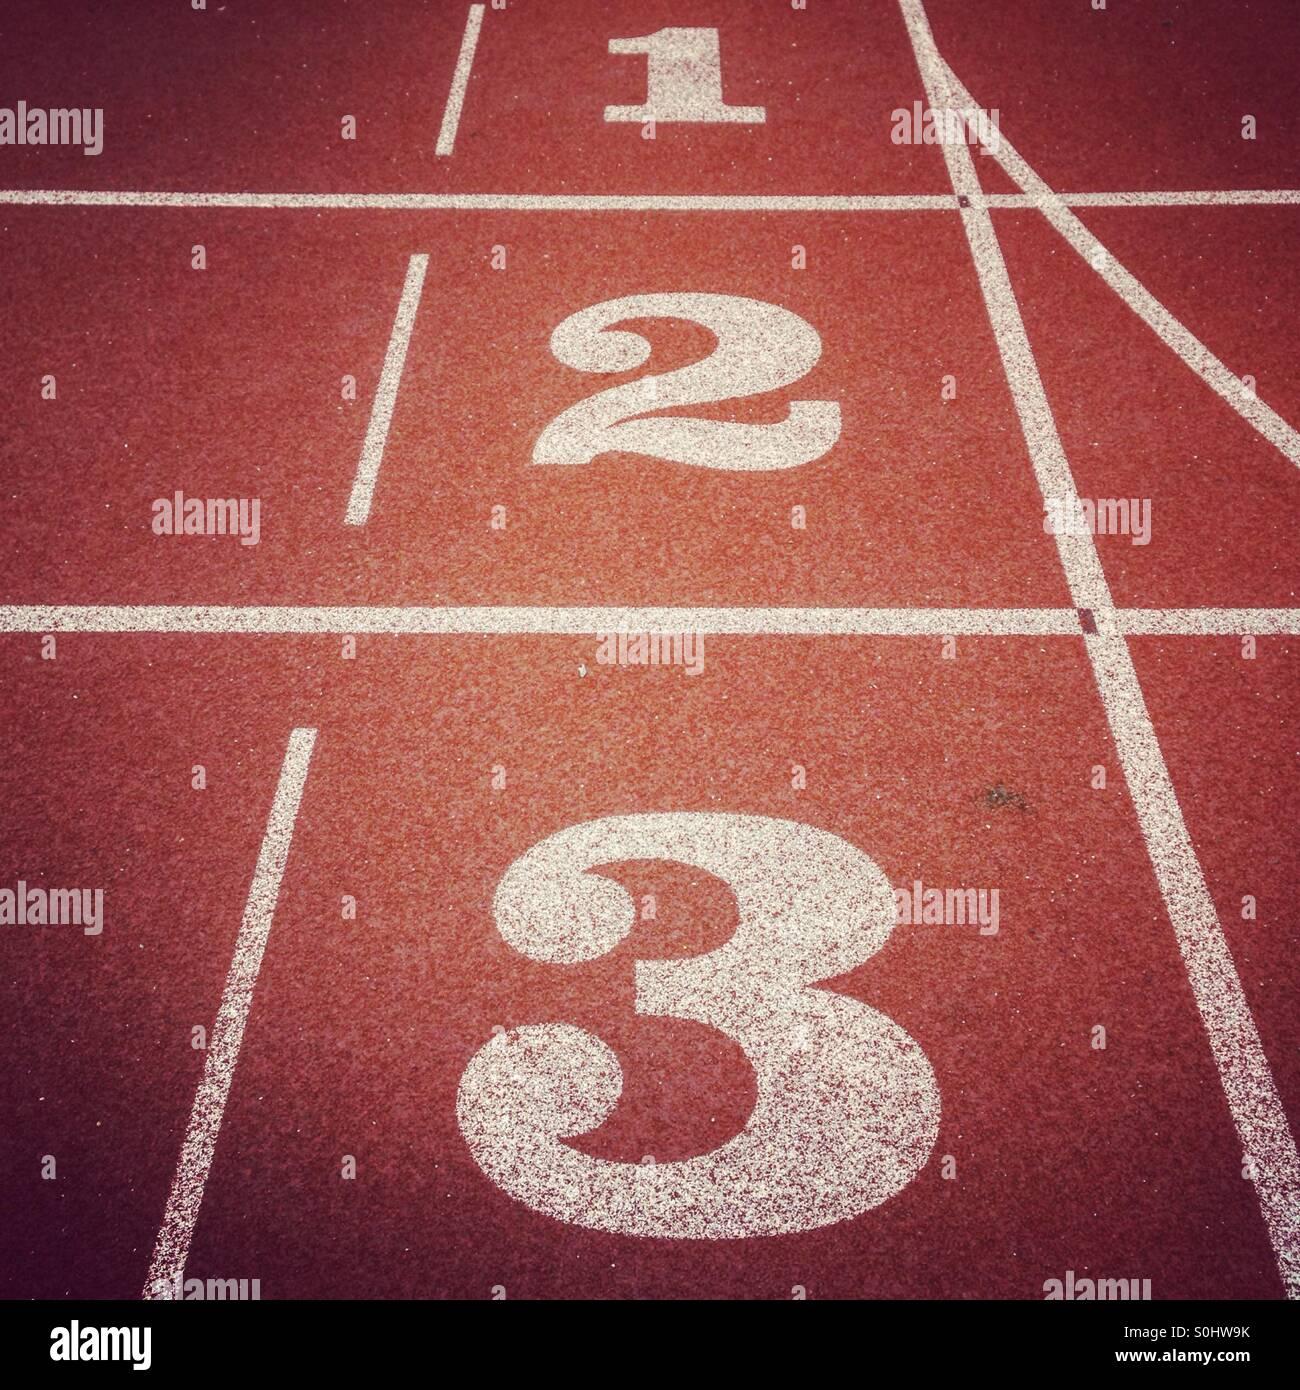 Les numéros de piste d'athlétisme Photo Stock